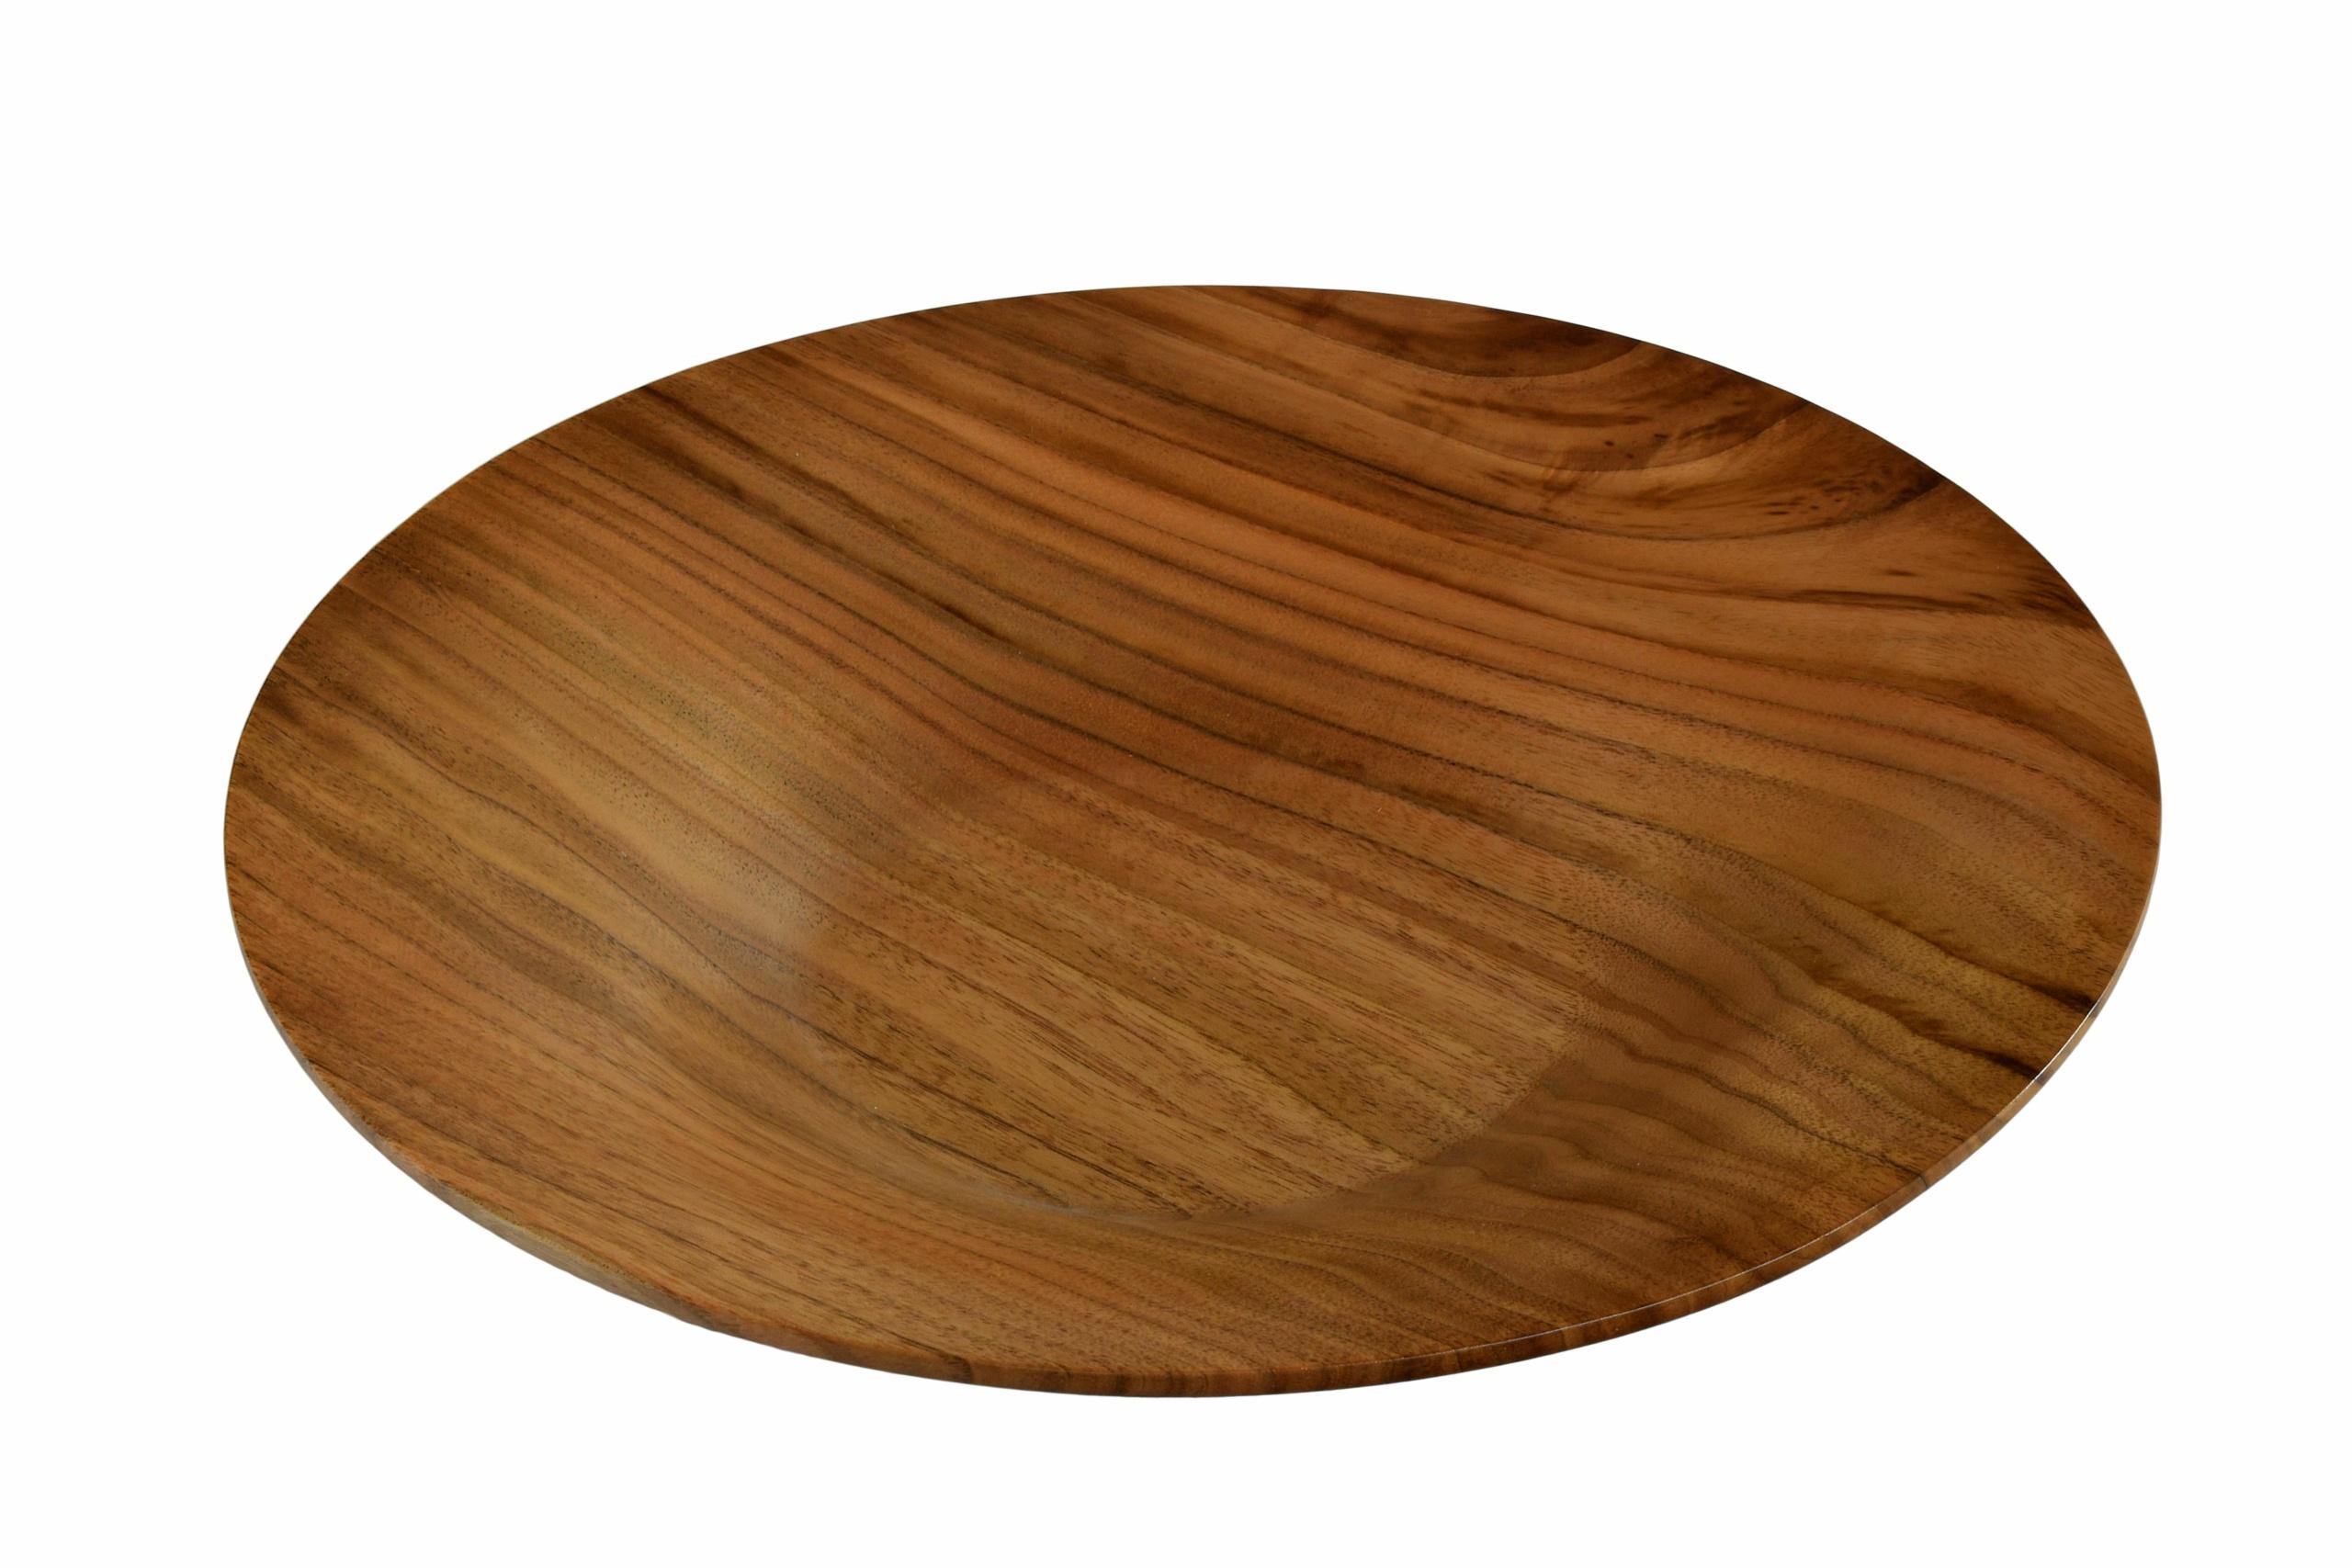 butternut wood turned bowl